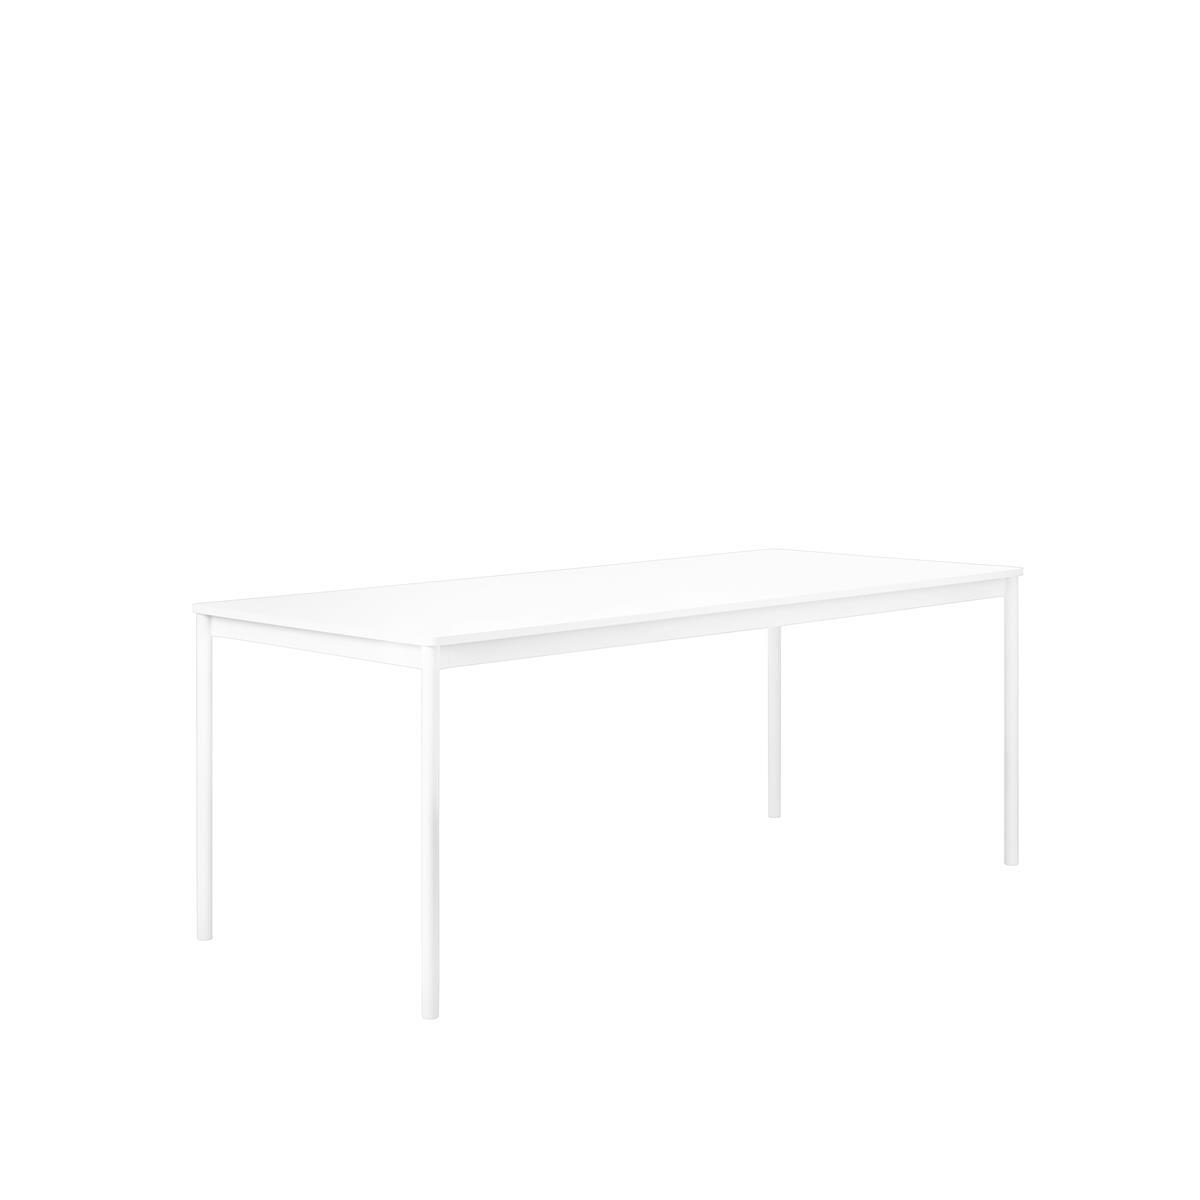 Base Table / 140 X 80 White/White Laminate/ABS